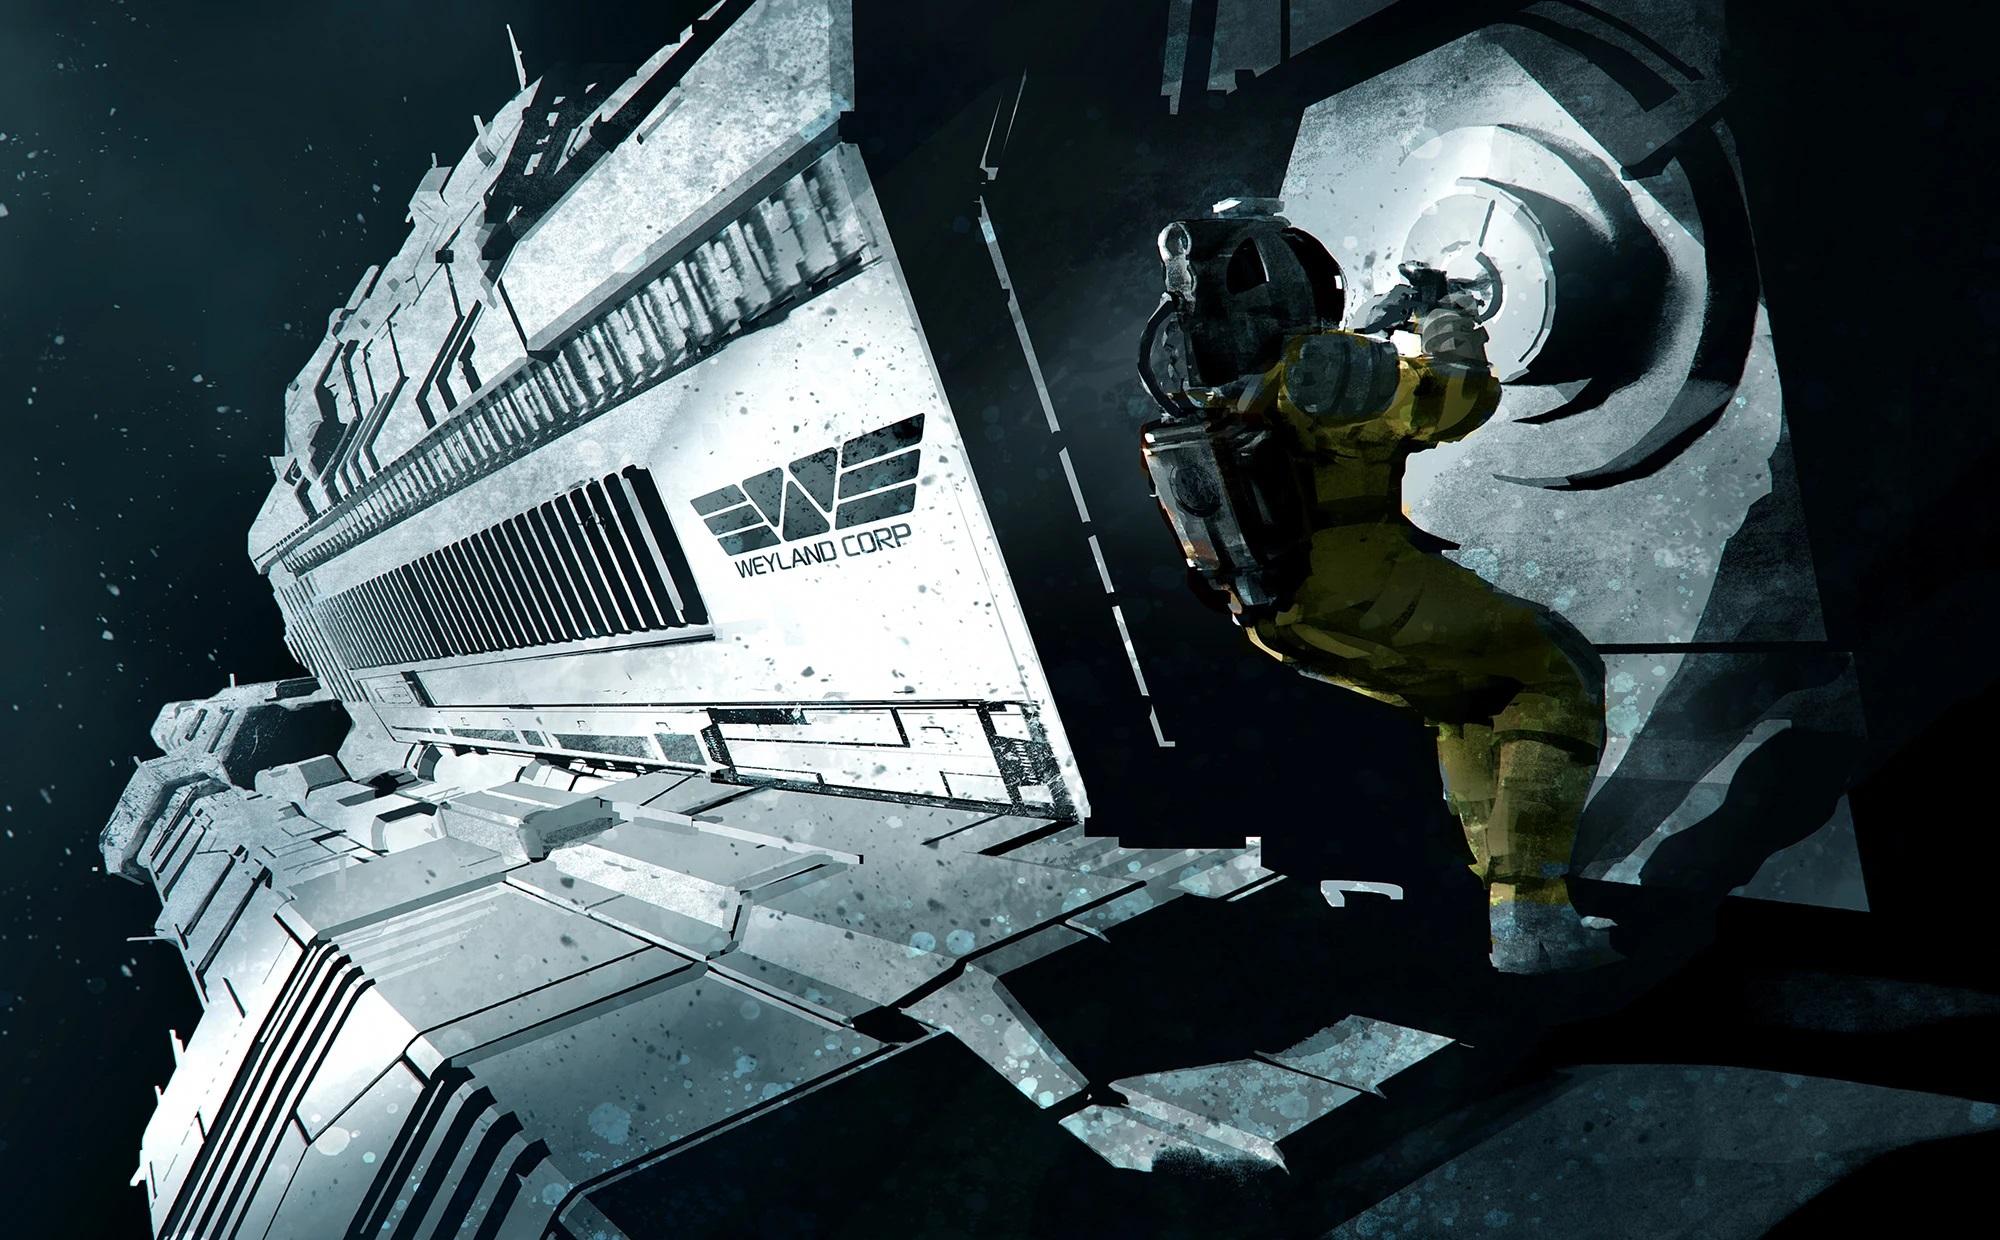 Колонии и ксеноморфы: обзор настольной ролевой игры Alien RPG 6